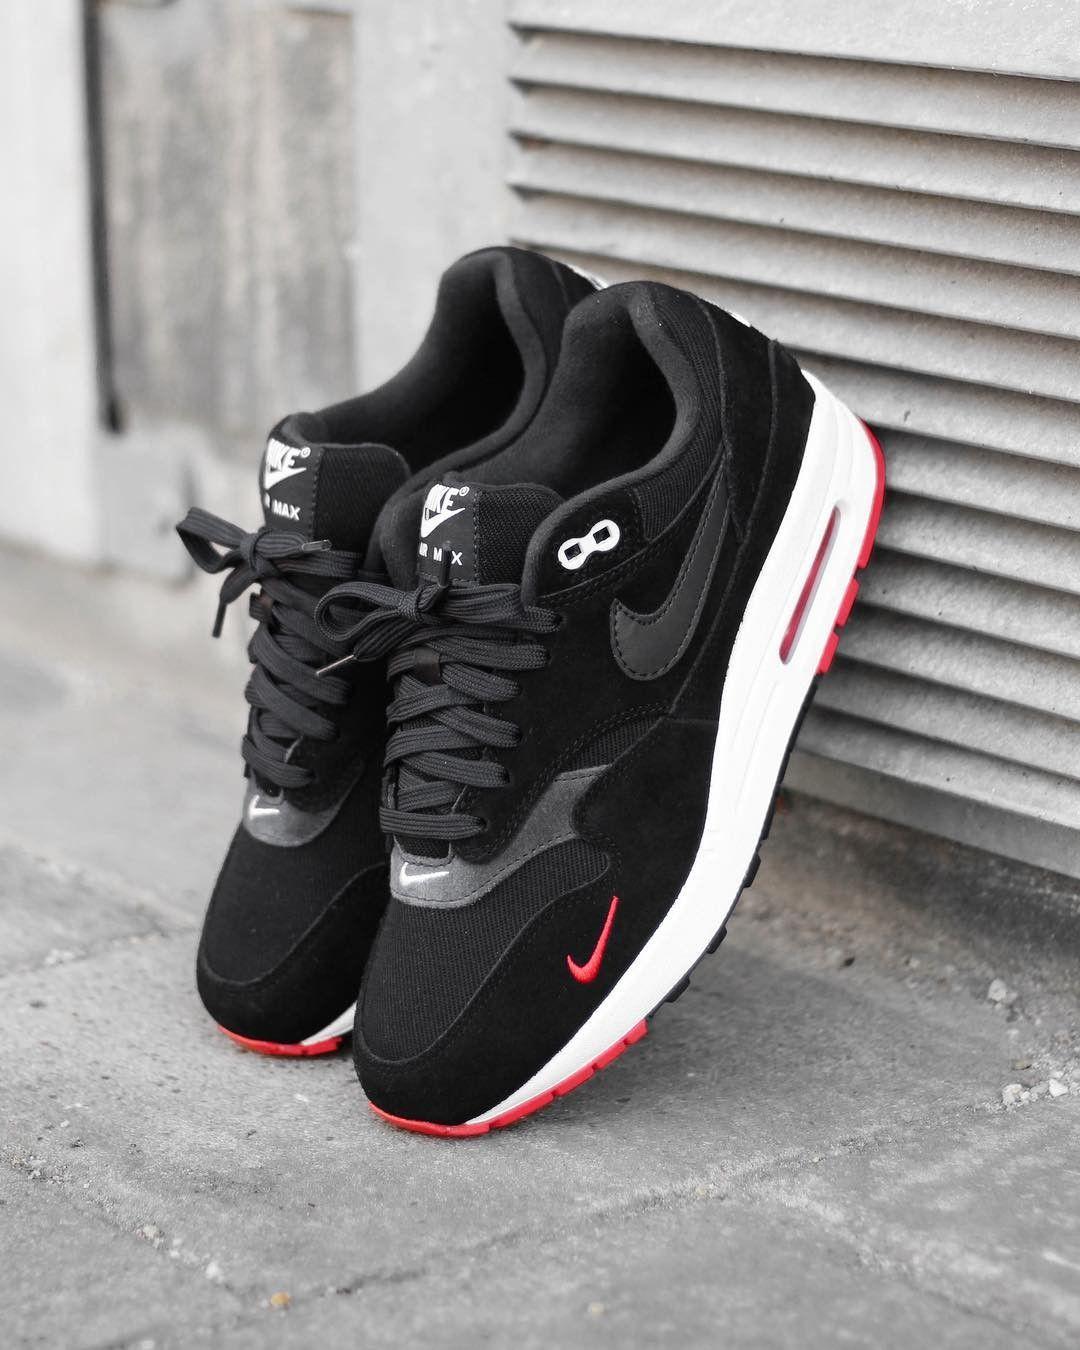 2019SwagCalzado Pin De Nike Zapatos Herazo En Maria gY7bfy6